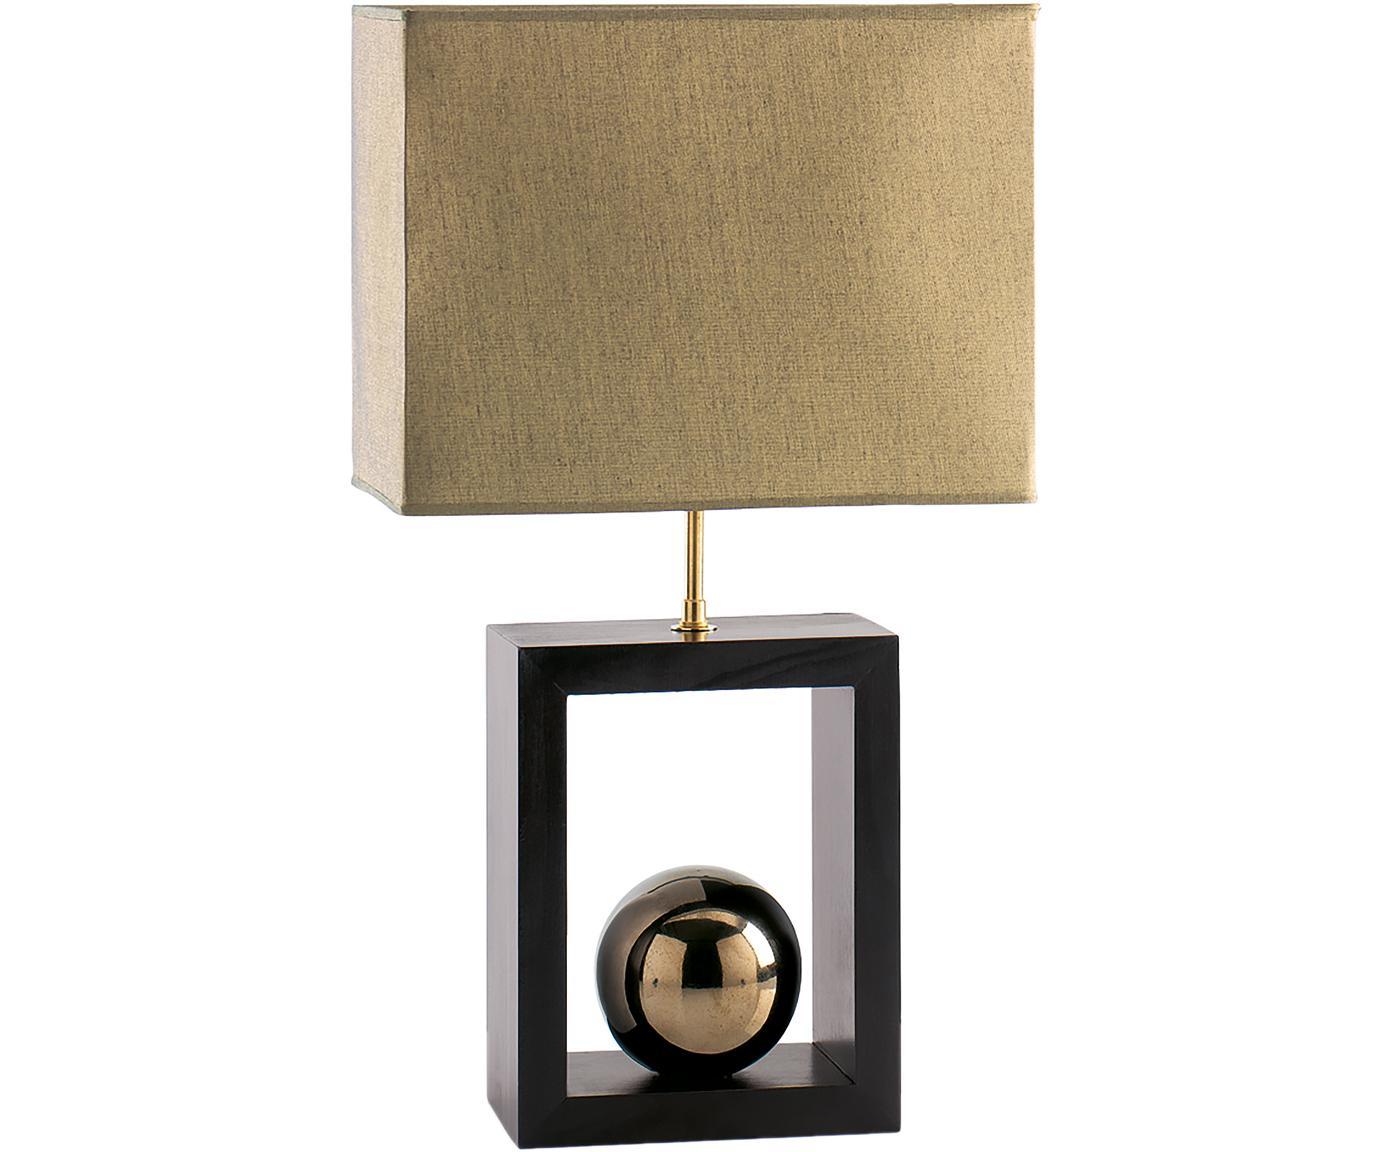 Lampa stołowa z drewna bukowego Scala, Odcienie złotego, brązowy, S 30 x W 54 cm